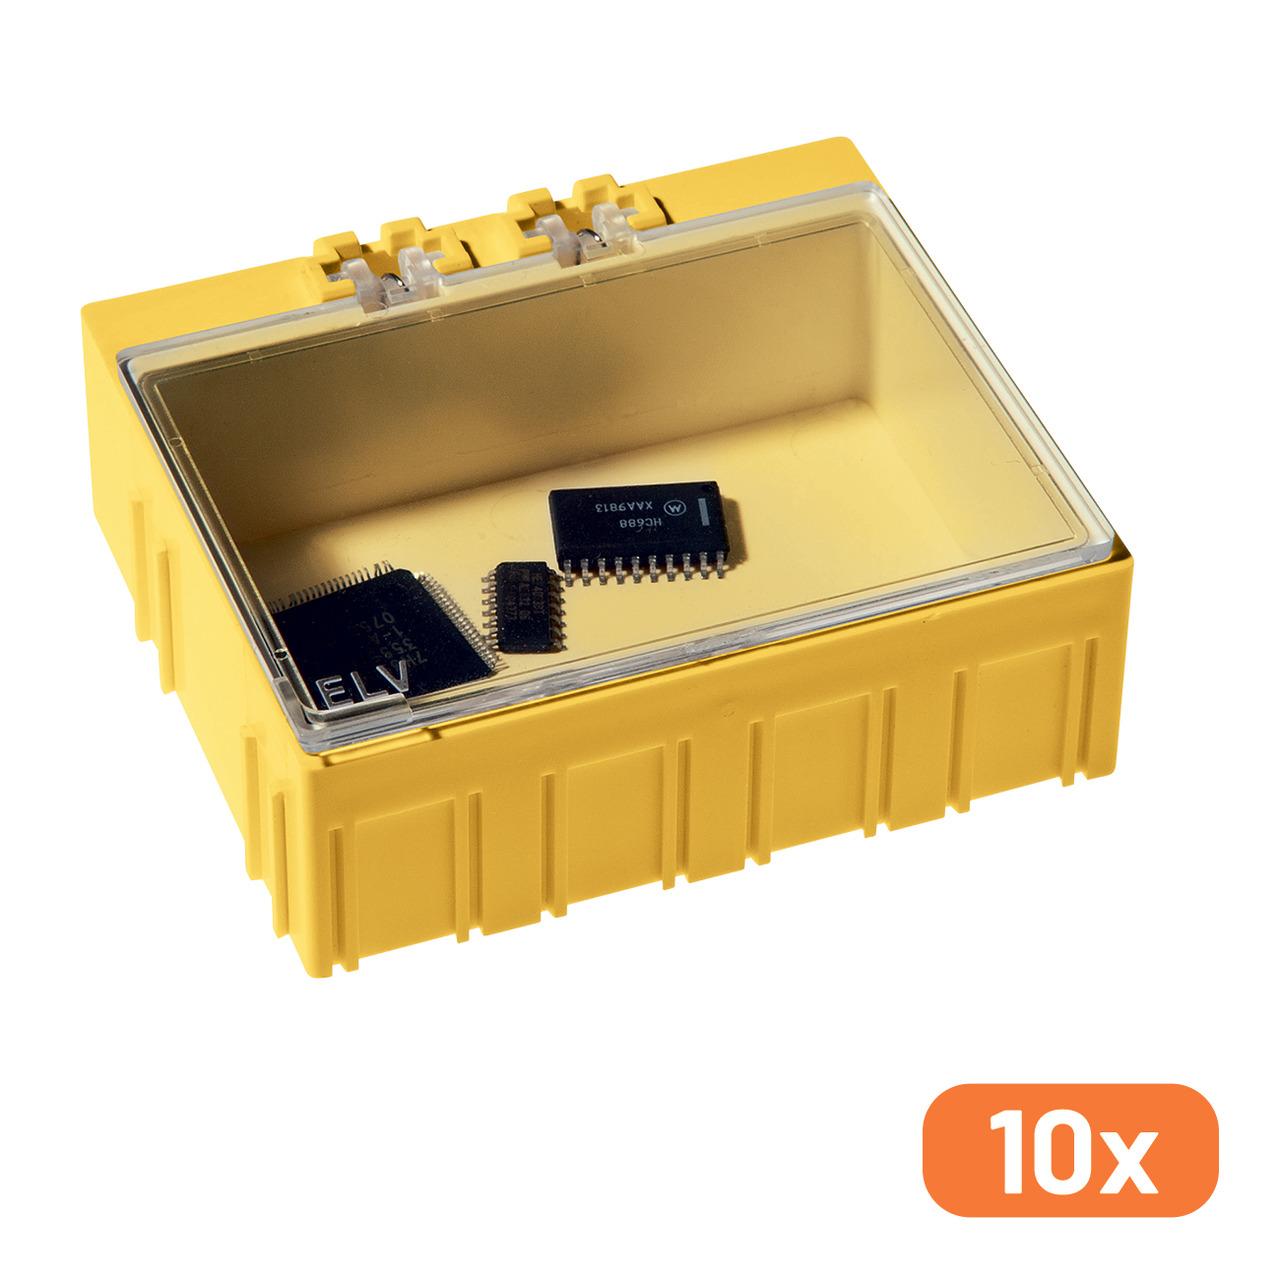 ELV 10er-Set SMD-Sortierbox- Gelb- 23 x 62 x 54 mm